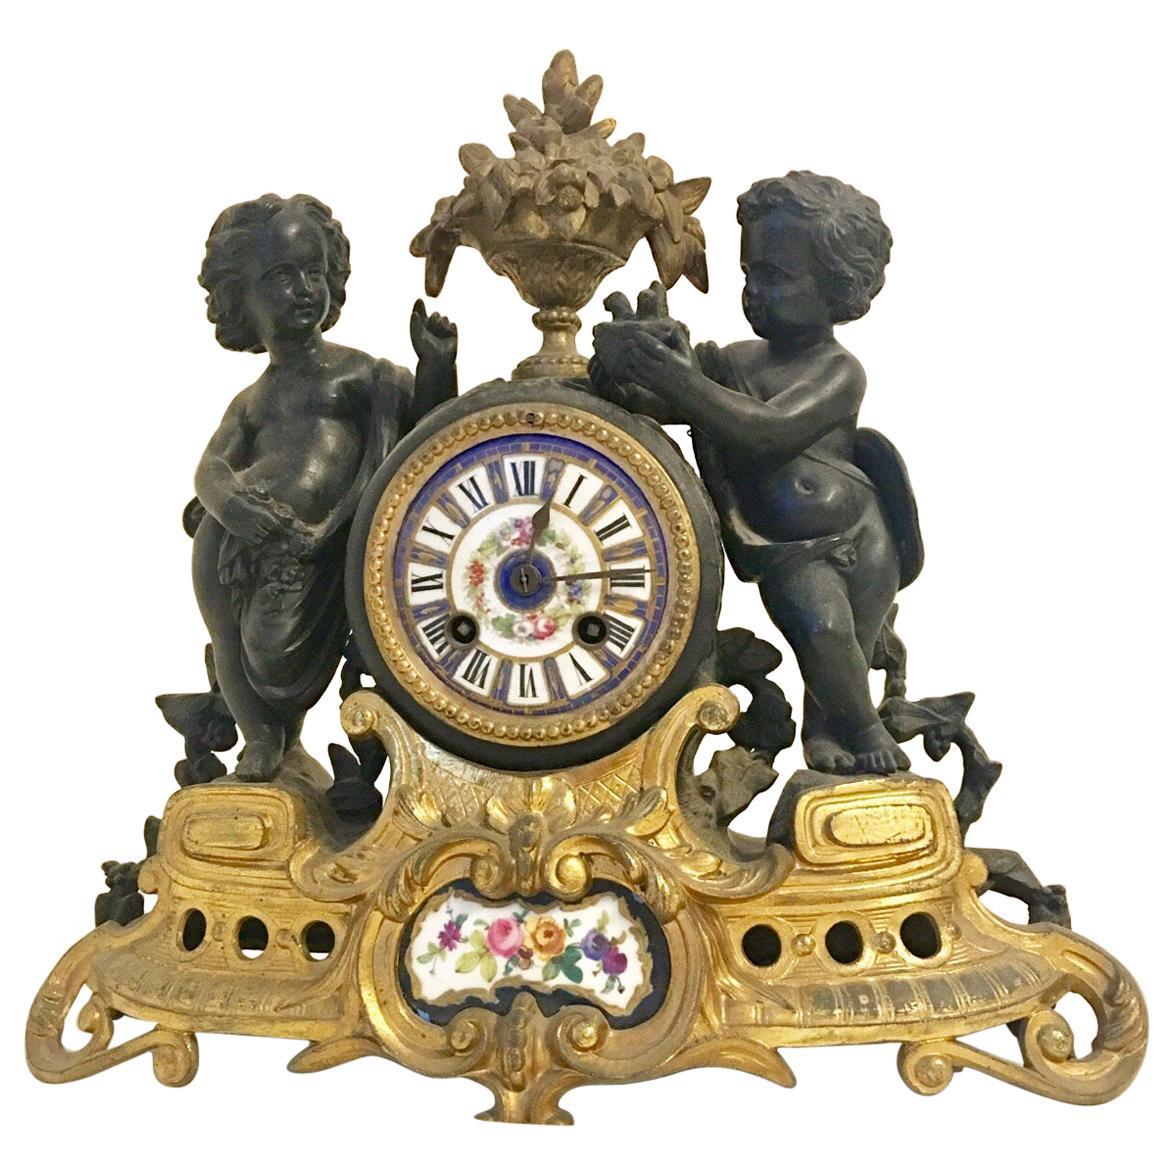 Antique French Ormolu Cherub Striking Mantel Clock